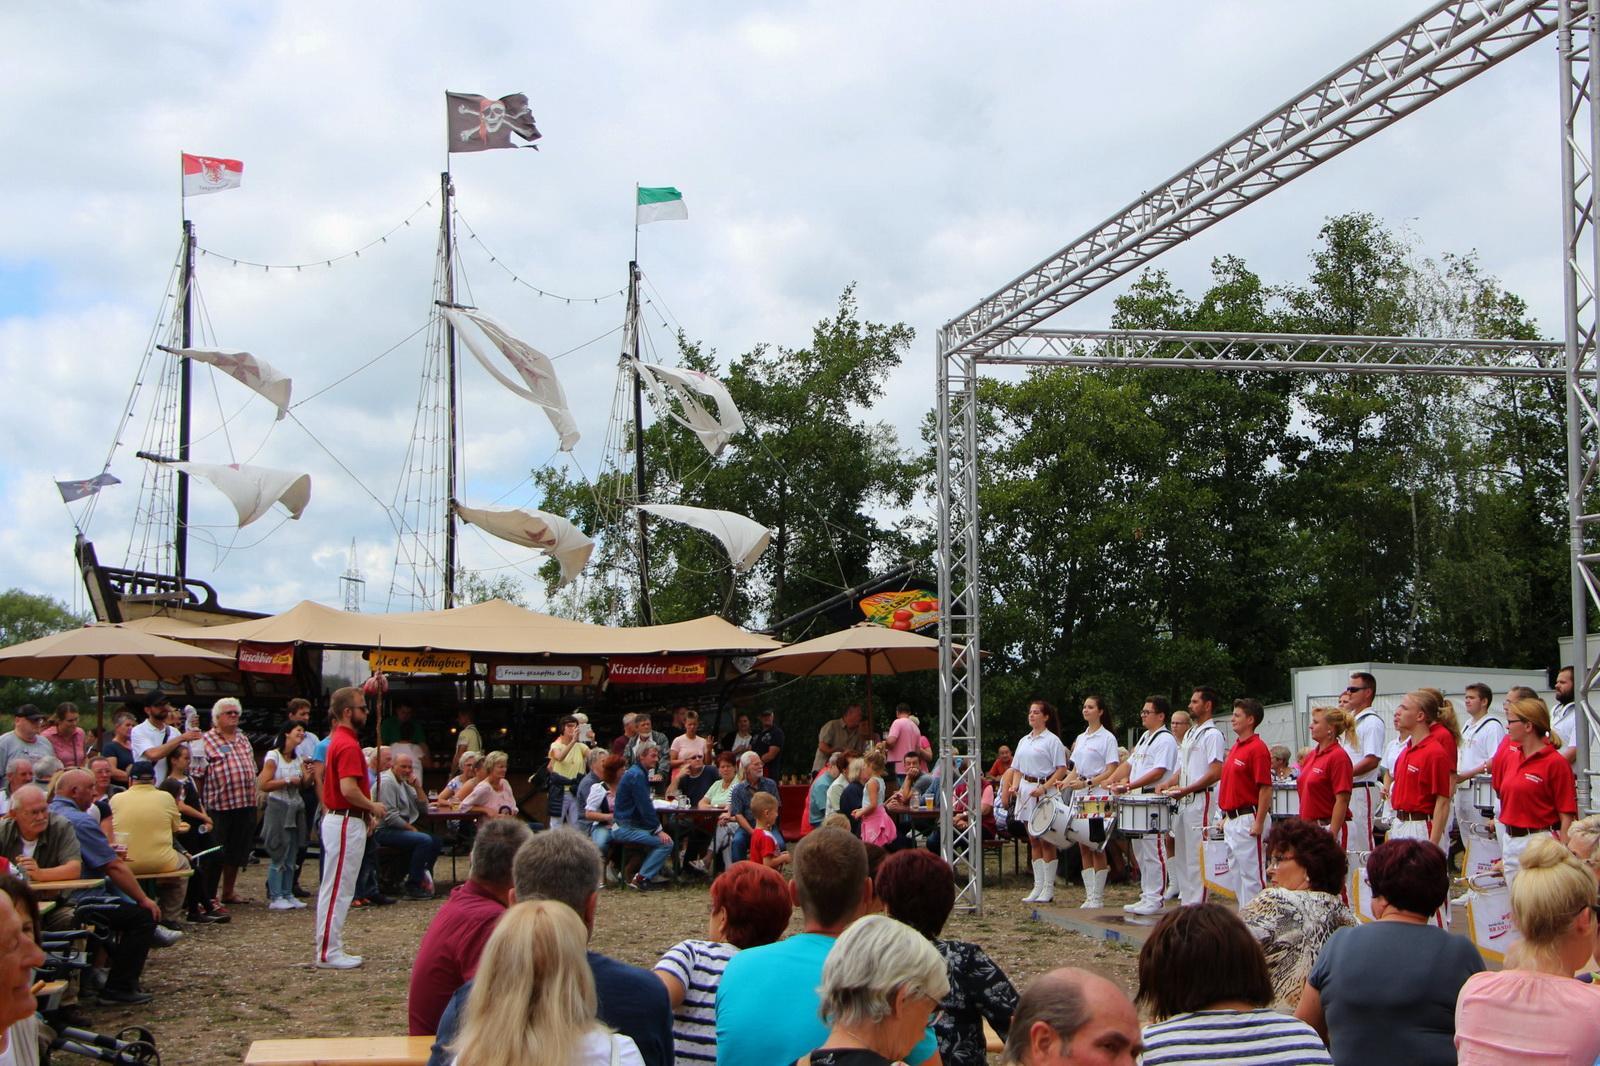 Foto der Galerie: 18.08.2019 - Fischerfest in Ketzin – Festumzug als Geschichtsunterricht